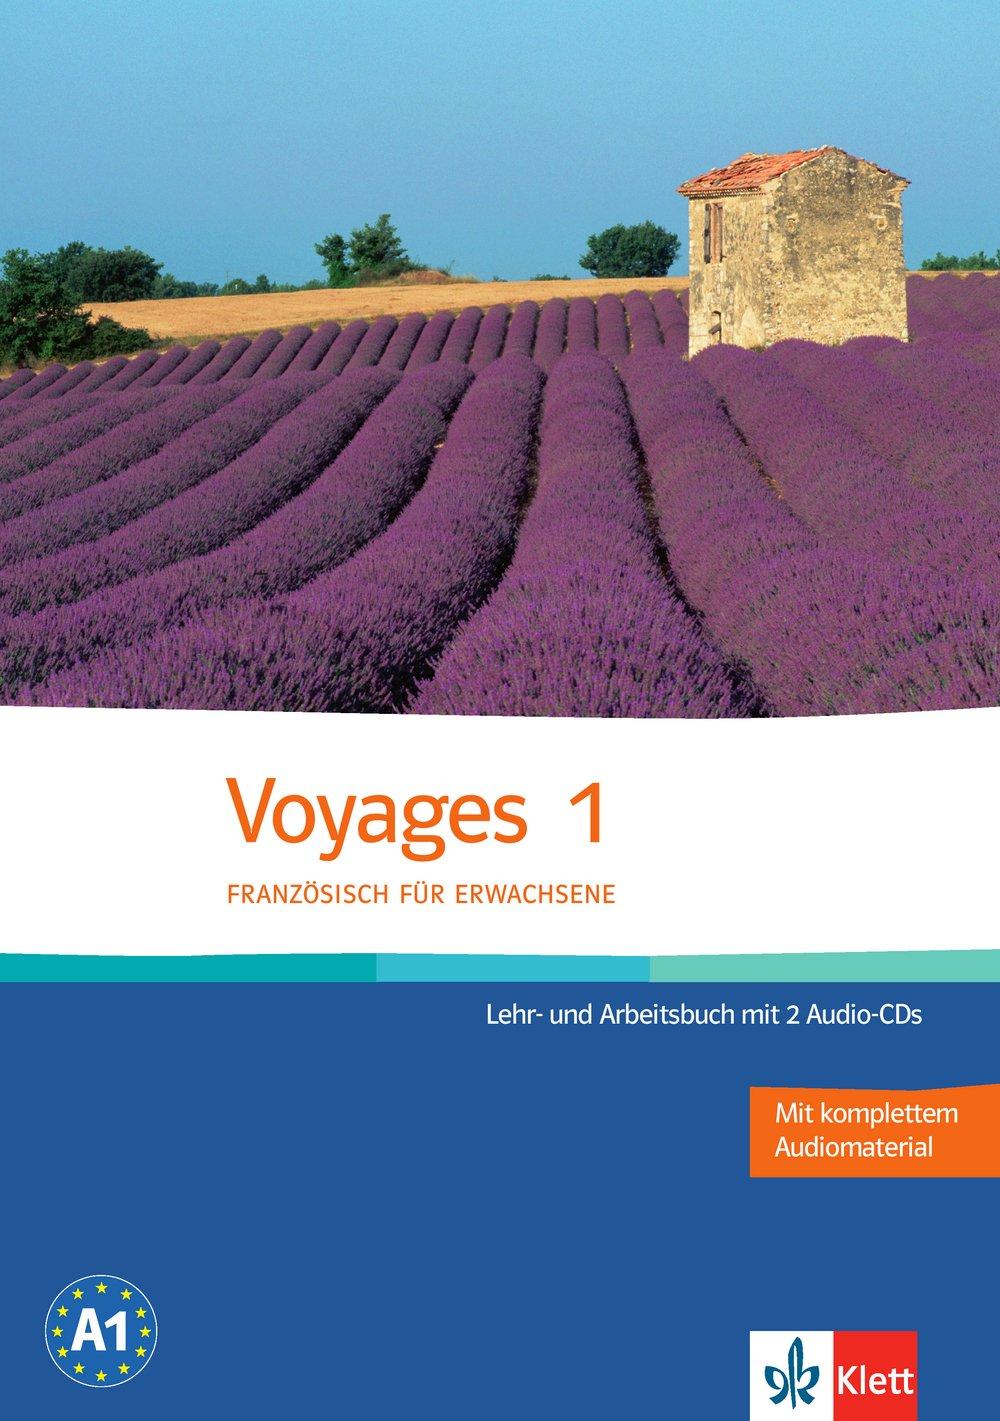 Voyages 1: Französisch für Erwachsene. Lehr- und Arbeitsbuch + 2 Audio-CDs